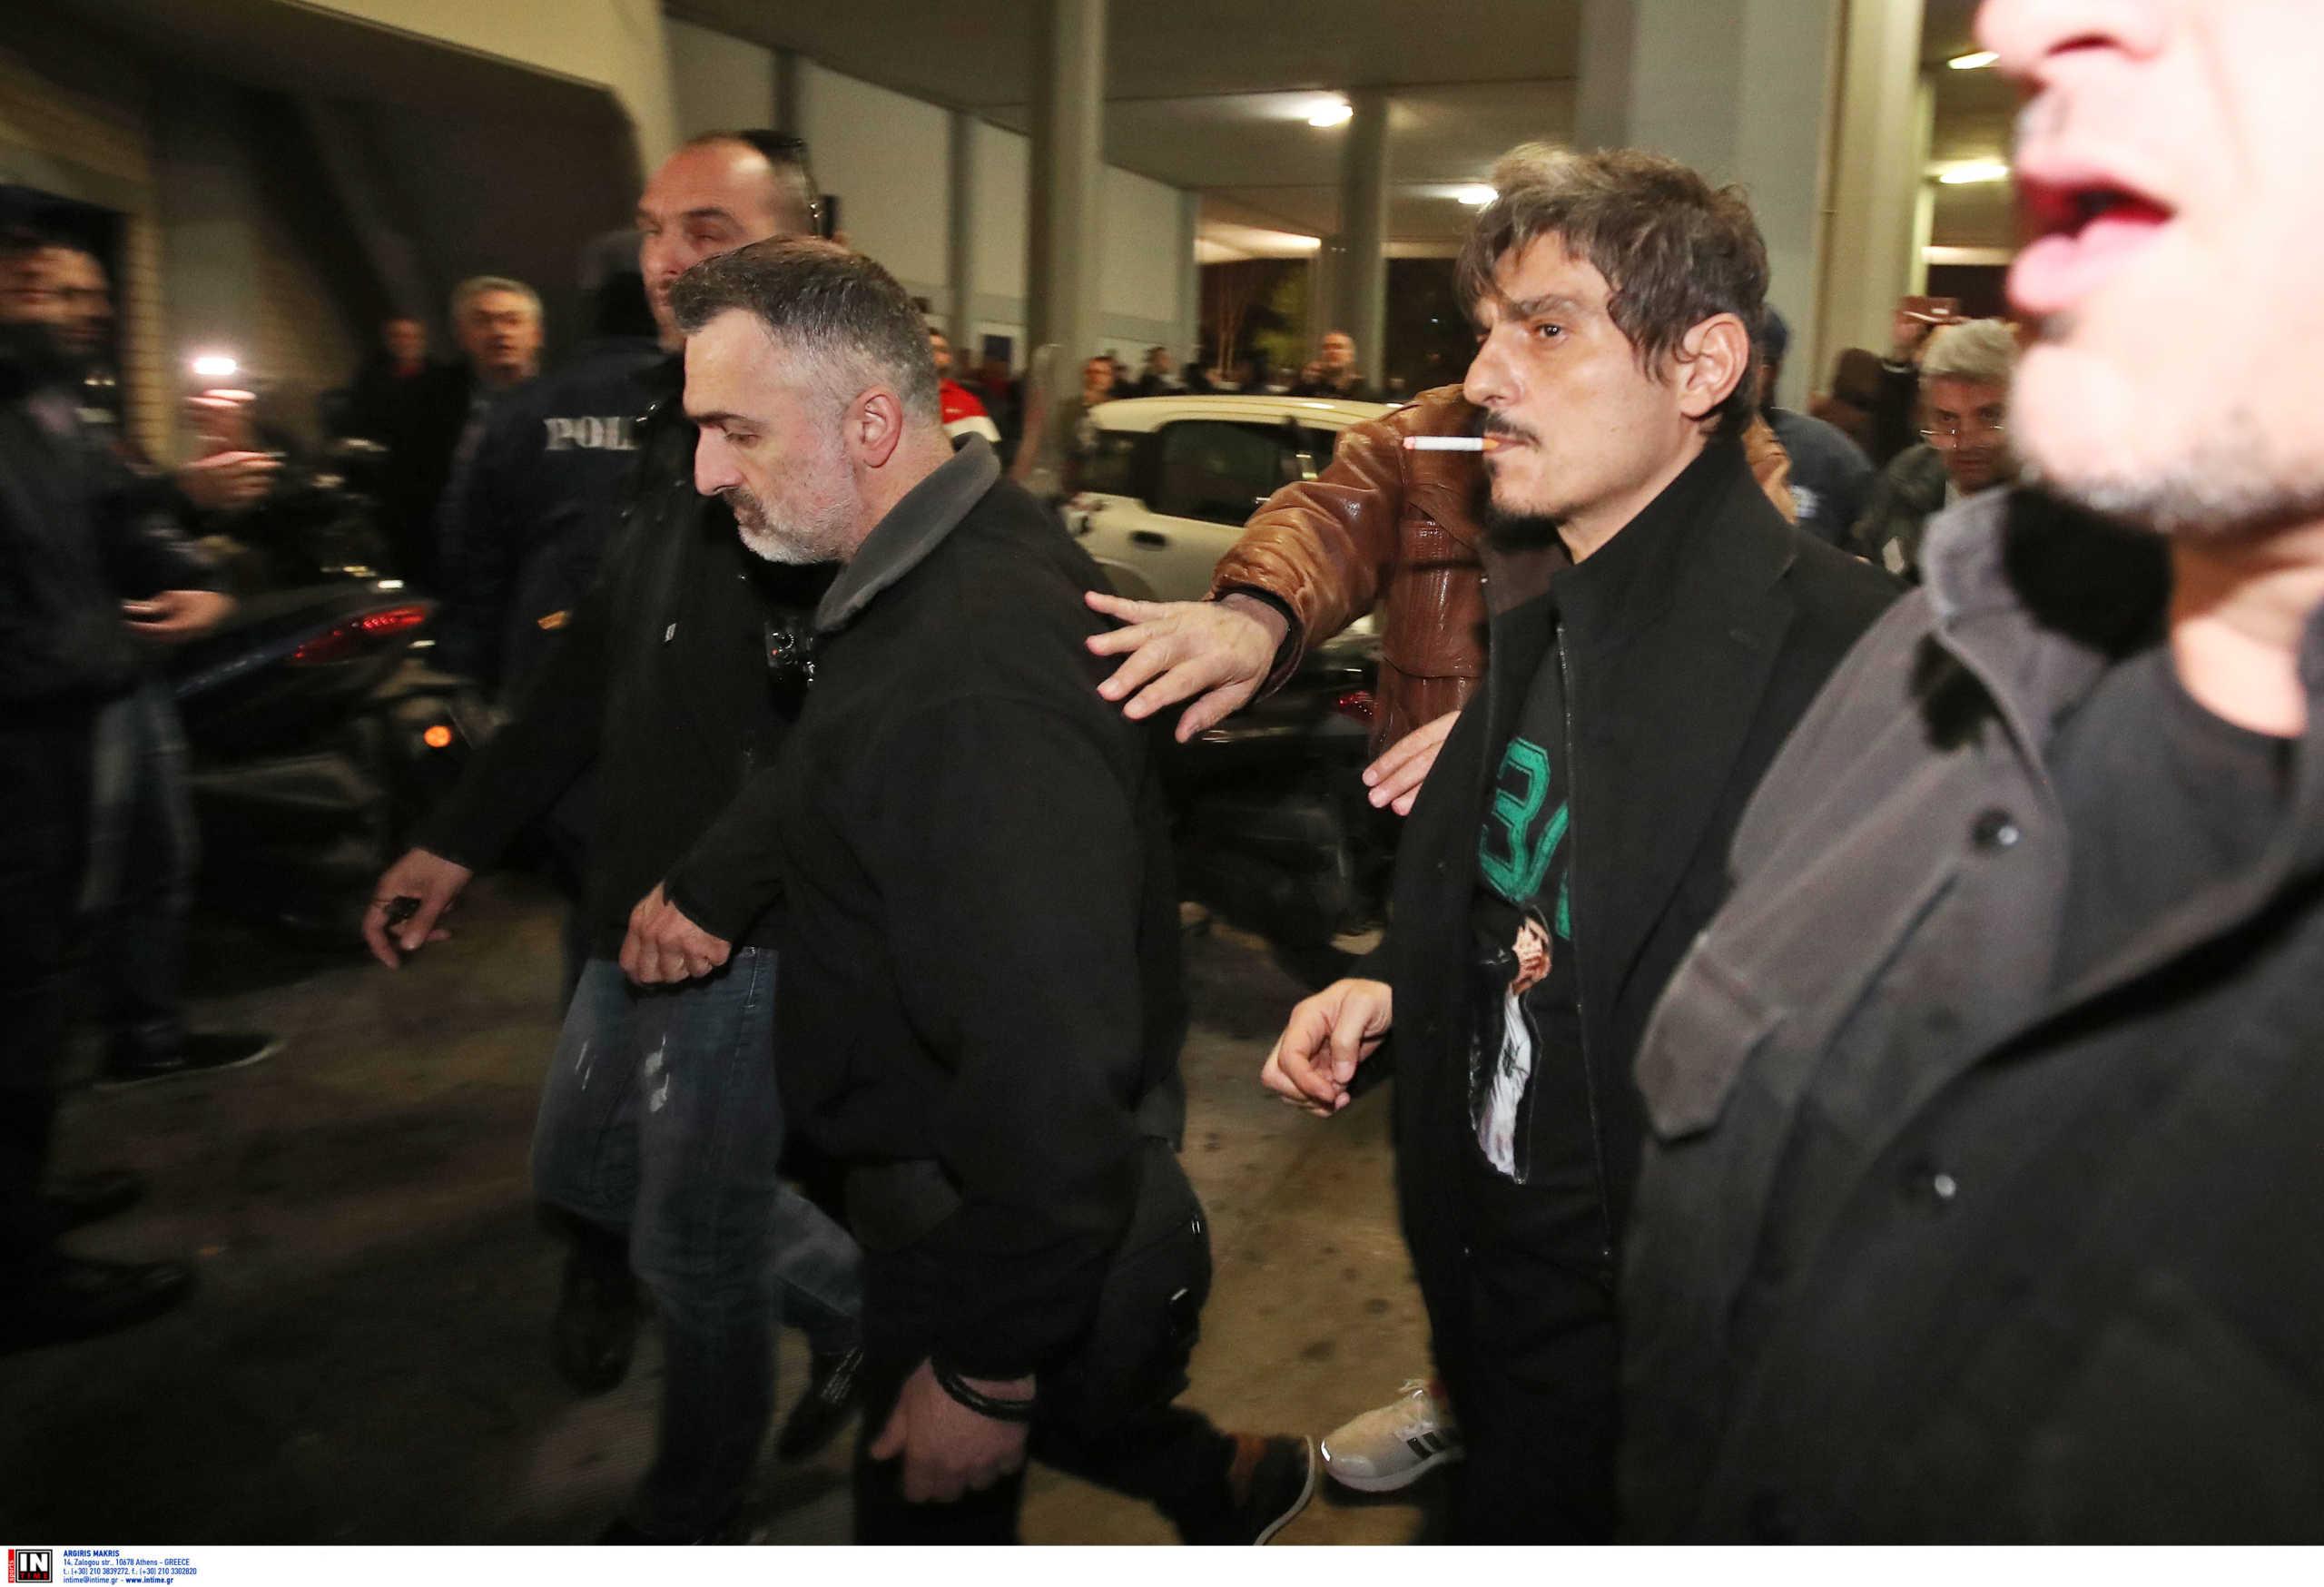 Η άφιξη του Γιαννακόπουλου στο ΣΕΦ με... αναμνηστικό μπλουζάκι! (pics)